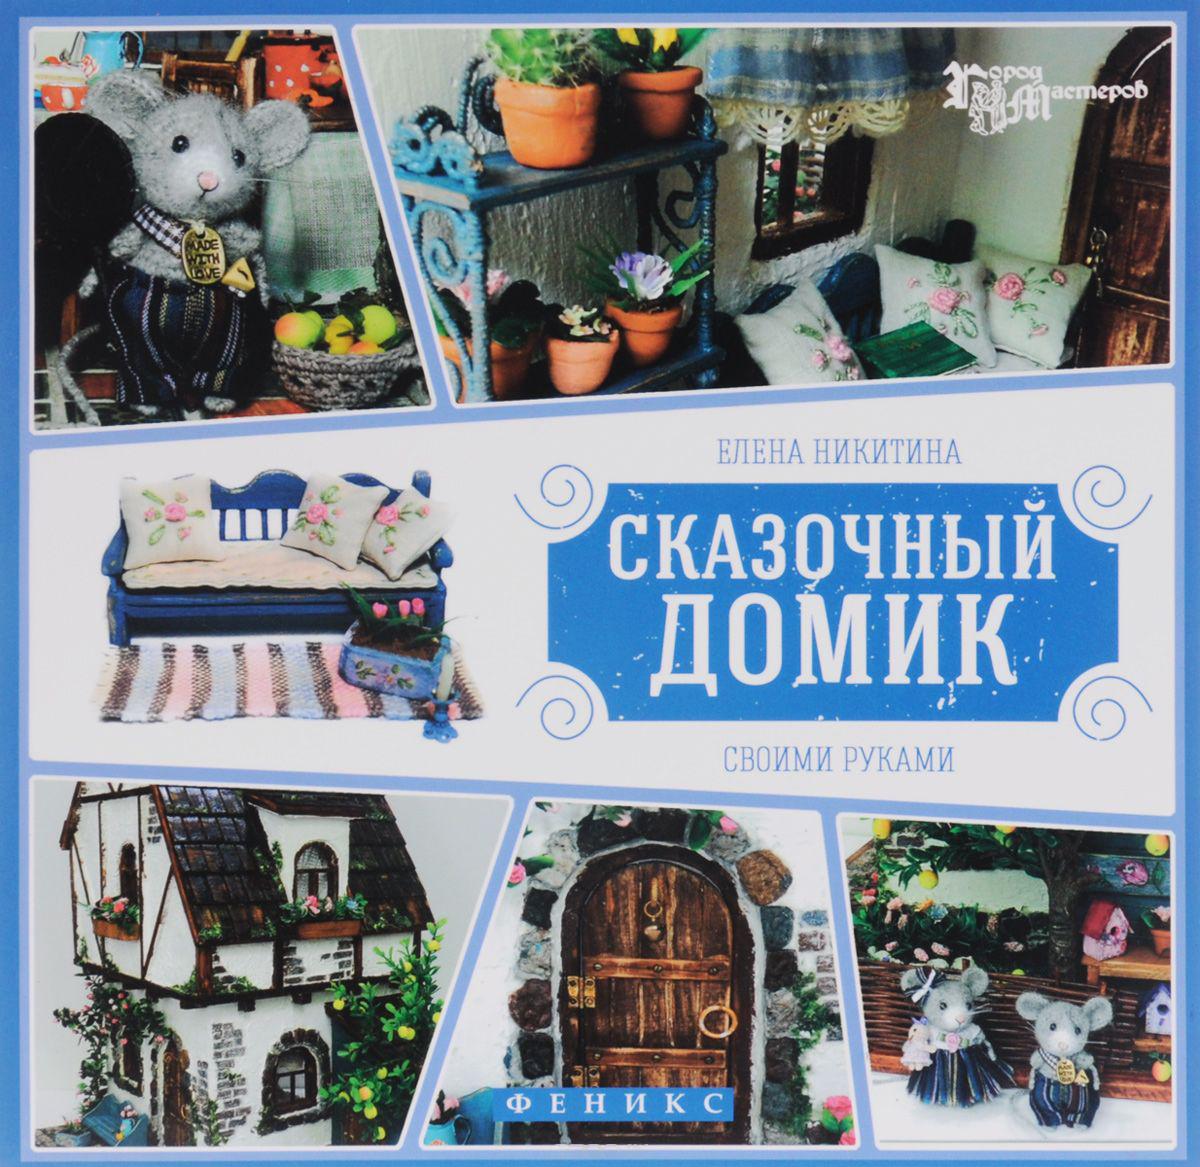 Купить Сказочный домик своими руками, Елена Никитина, 978-5-222-27231-2